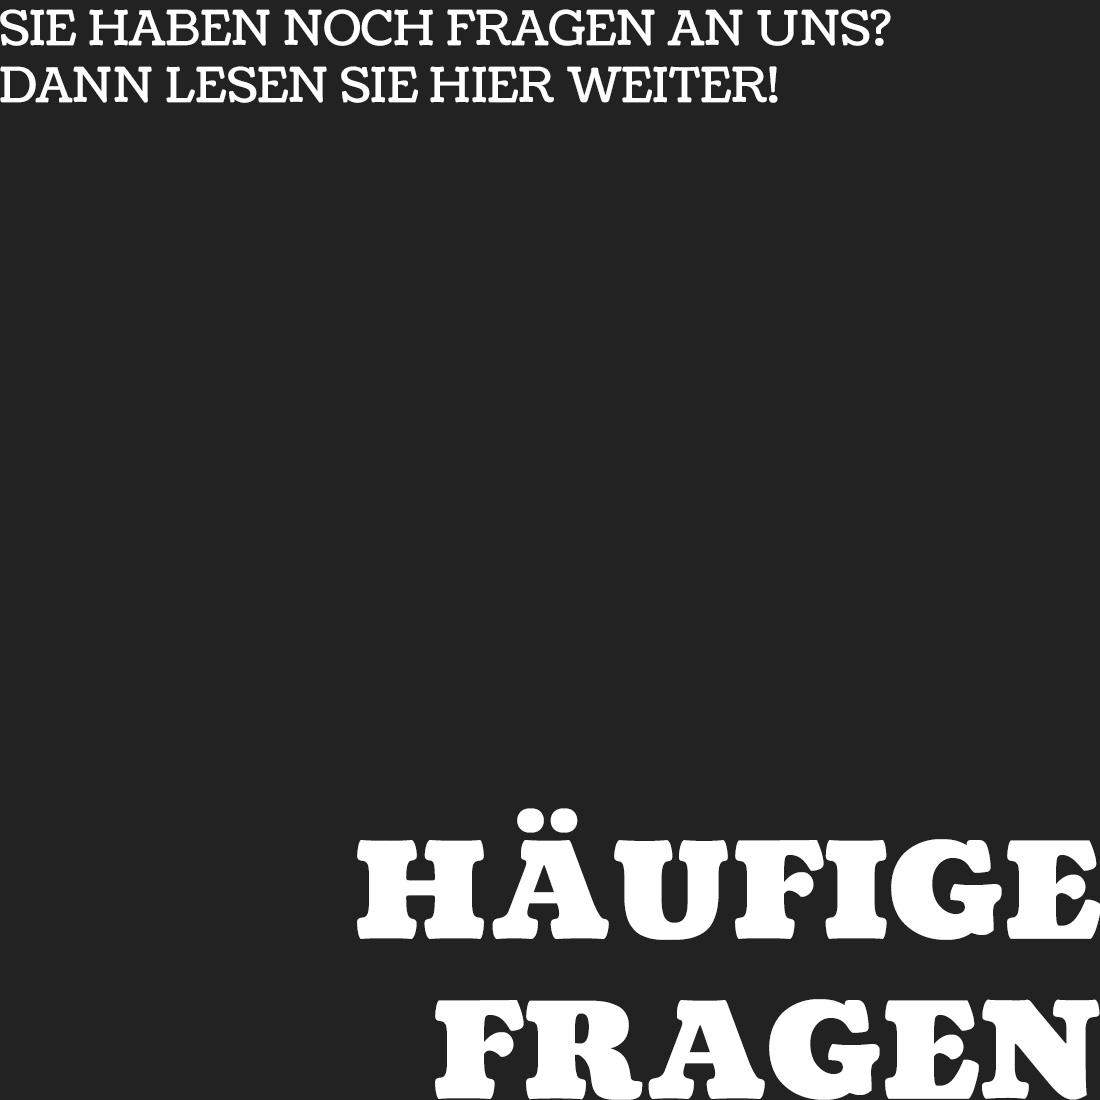 Häufige Fragen an Rumpellotte - Ihr Partner für Haushaltsauflösungen und Entrümpelungen in Nordrhein-Westfalen